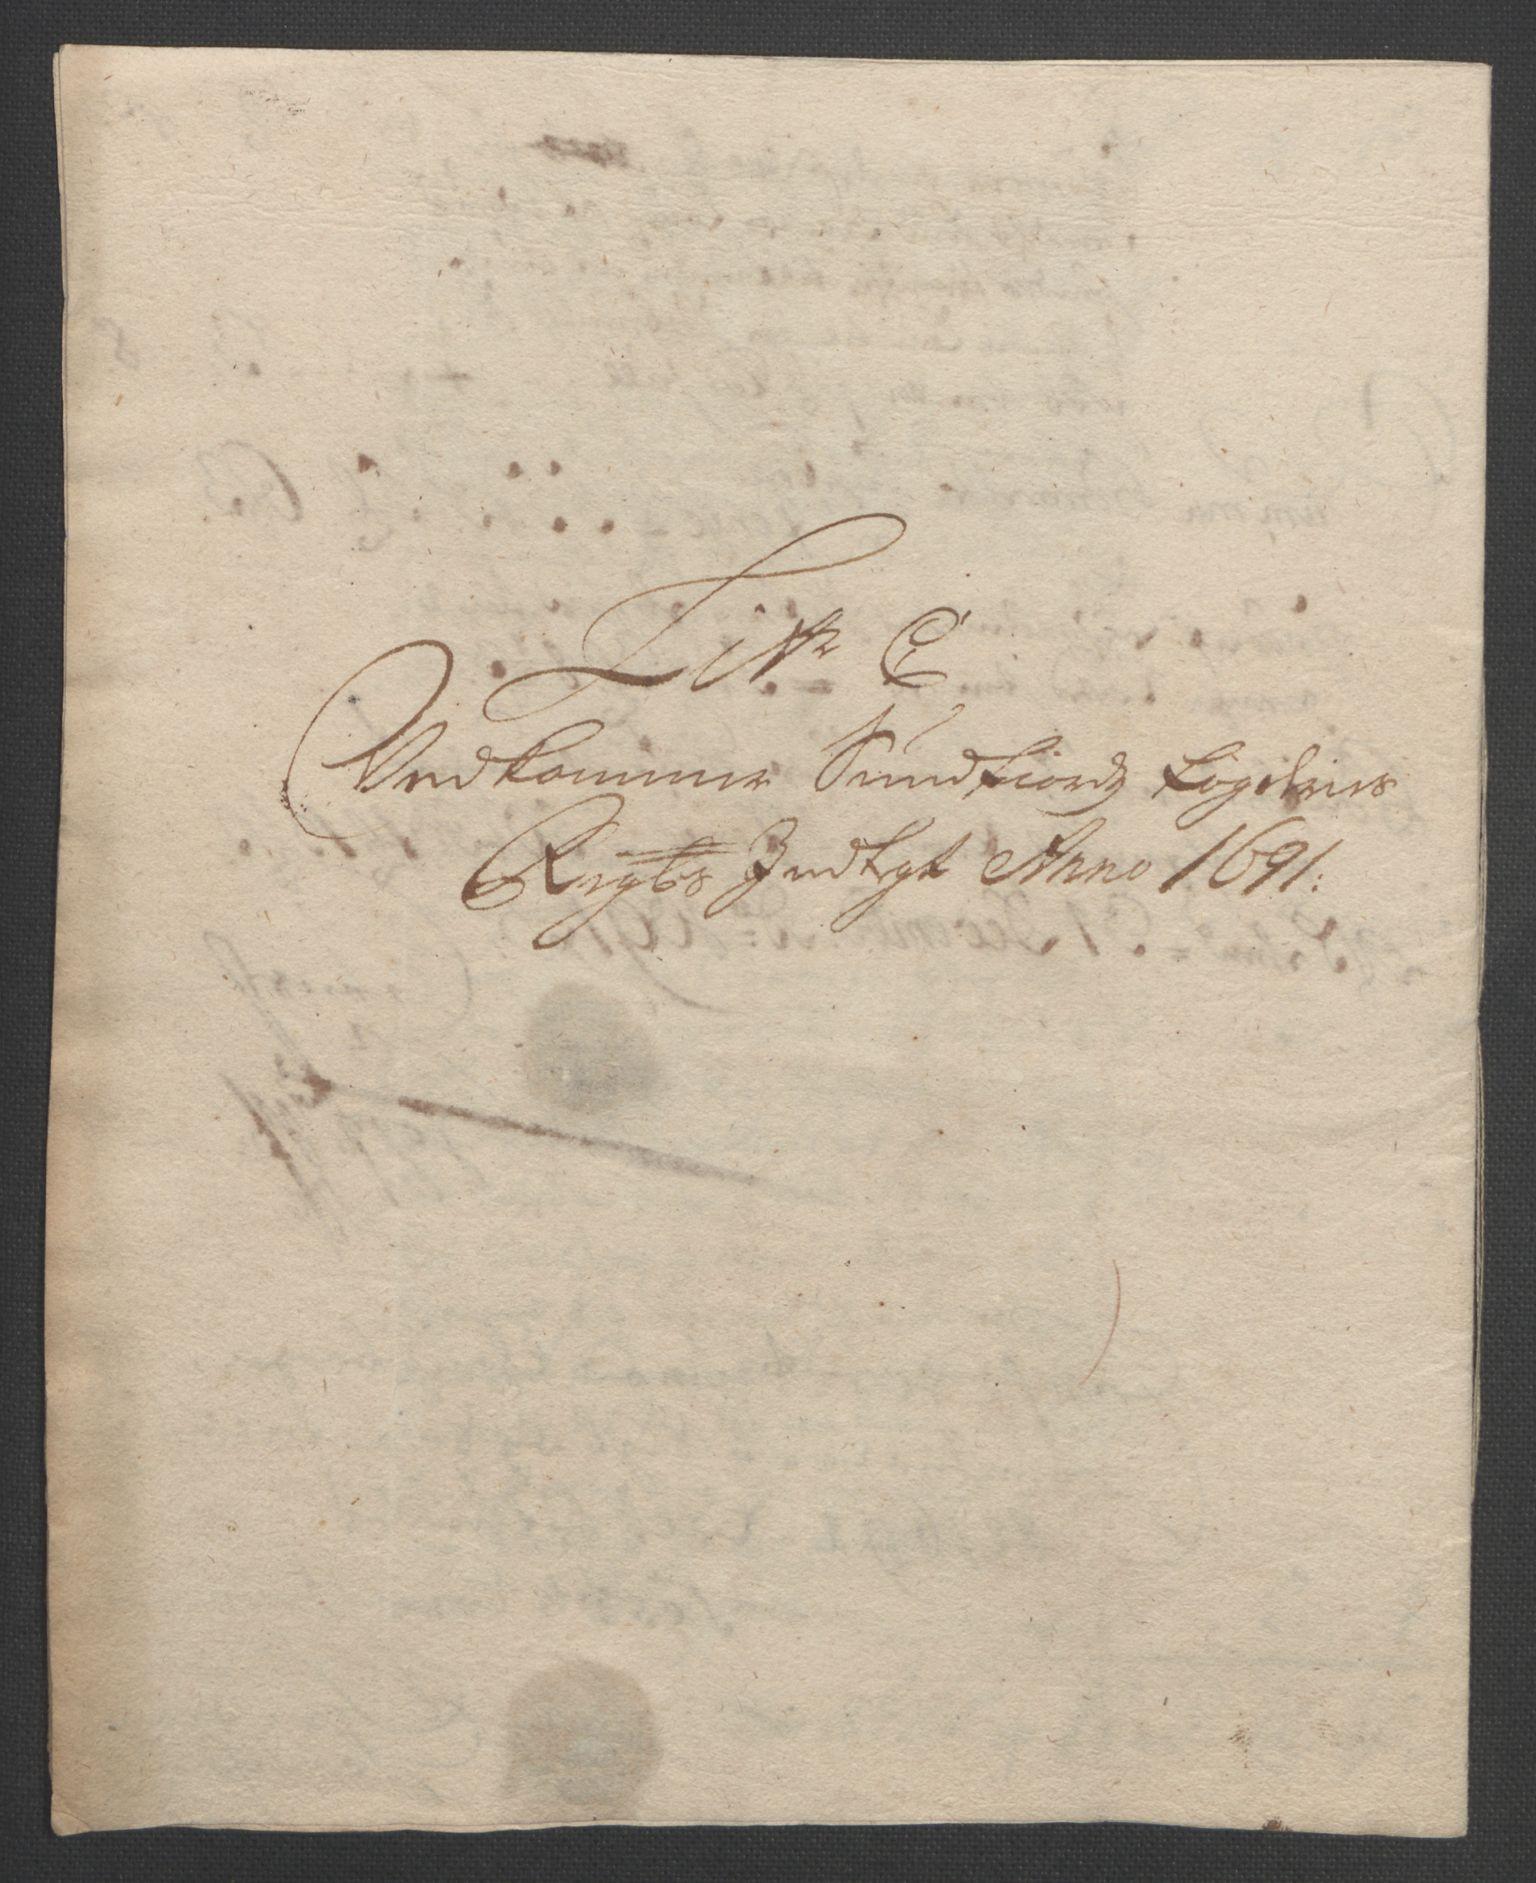 RA, Rentekammeret inntil 1814, Reviderte regnskaper, Fogderegnskap, R53/L3420: Fogderegnskap Sunn- og Nordfjord, 1691-1692, s. 85